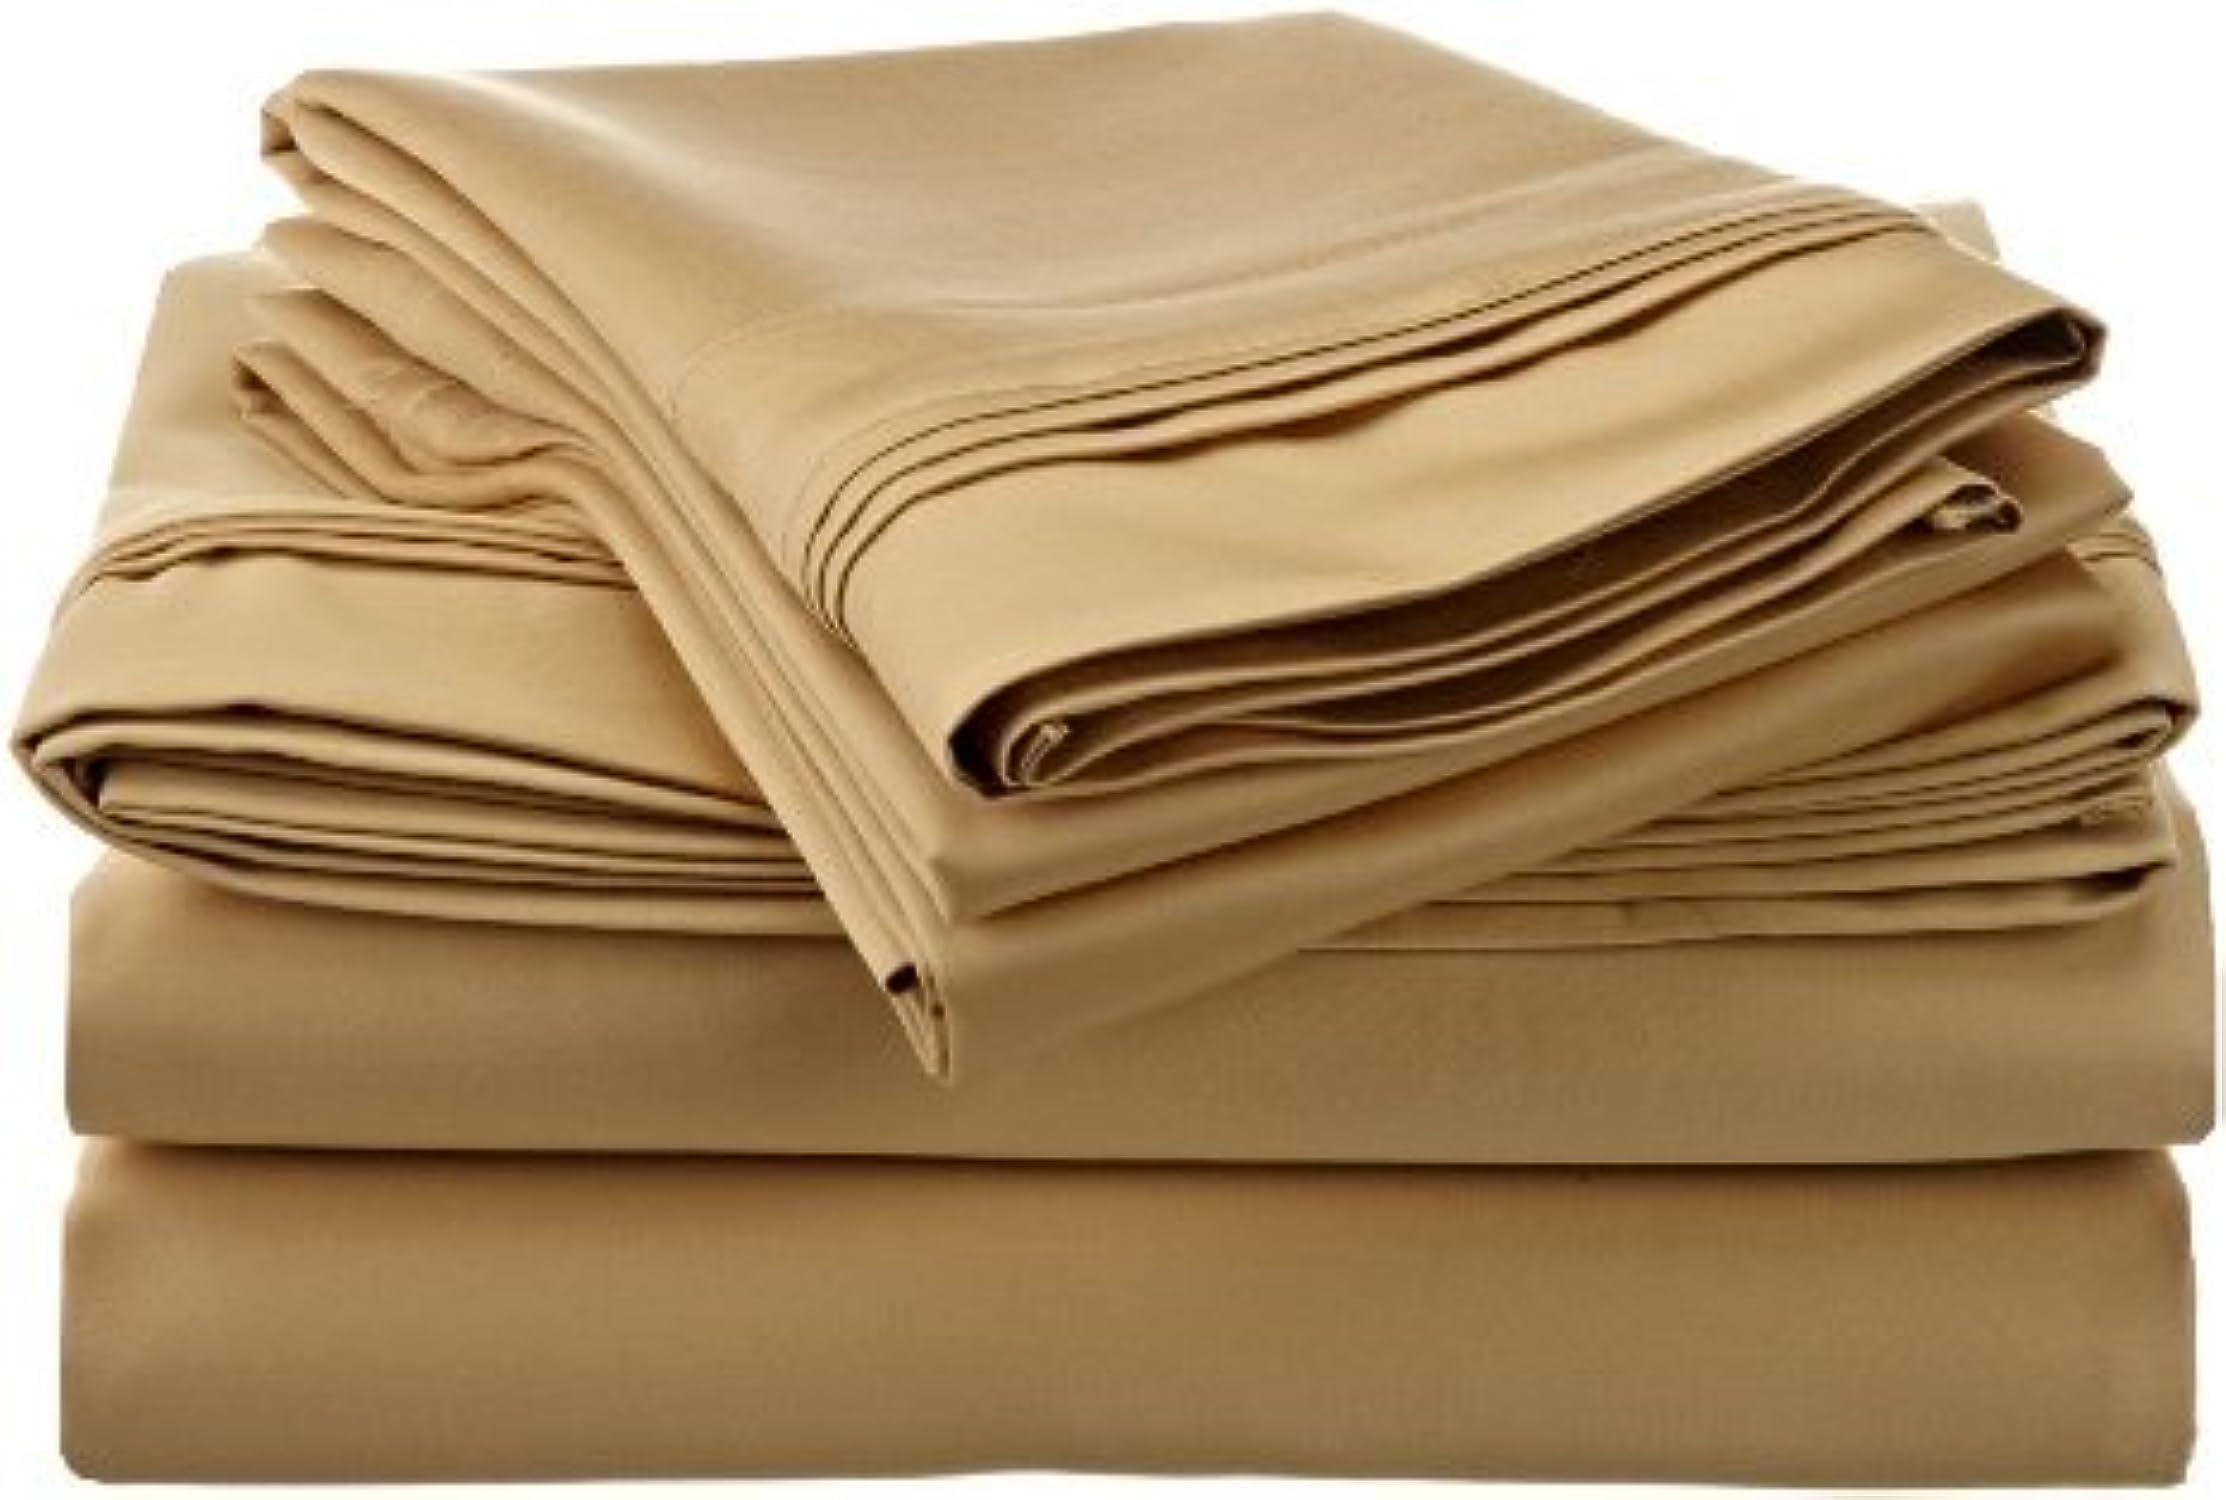 Dreamz simple 500 fils poche profonde - 26 cm-Lot de 4 pièces jointes Waterbed simple solide Or 100%  coton égypcravaten